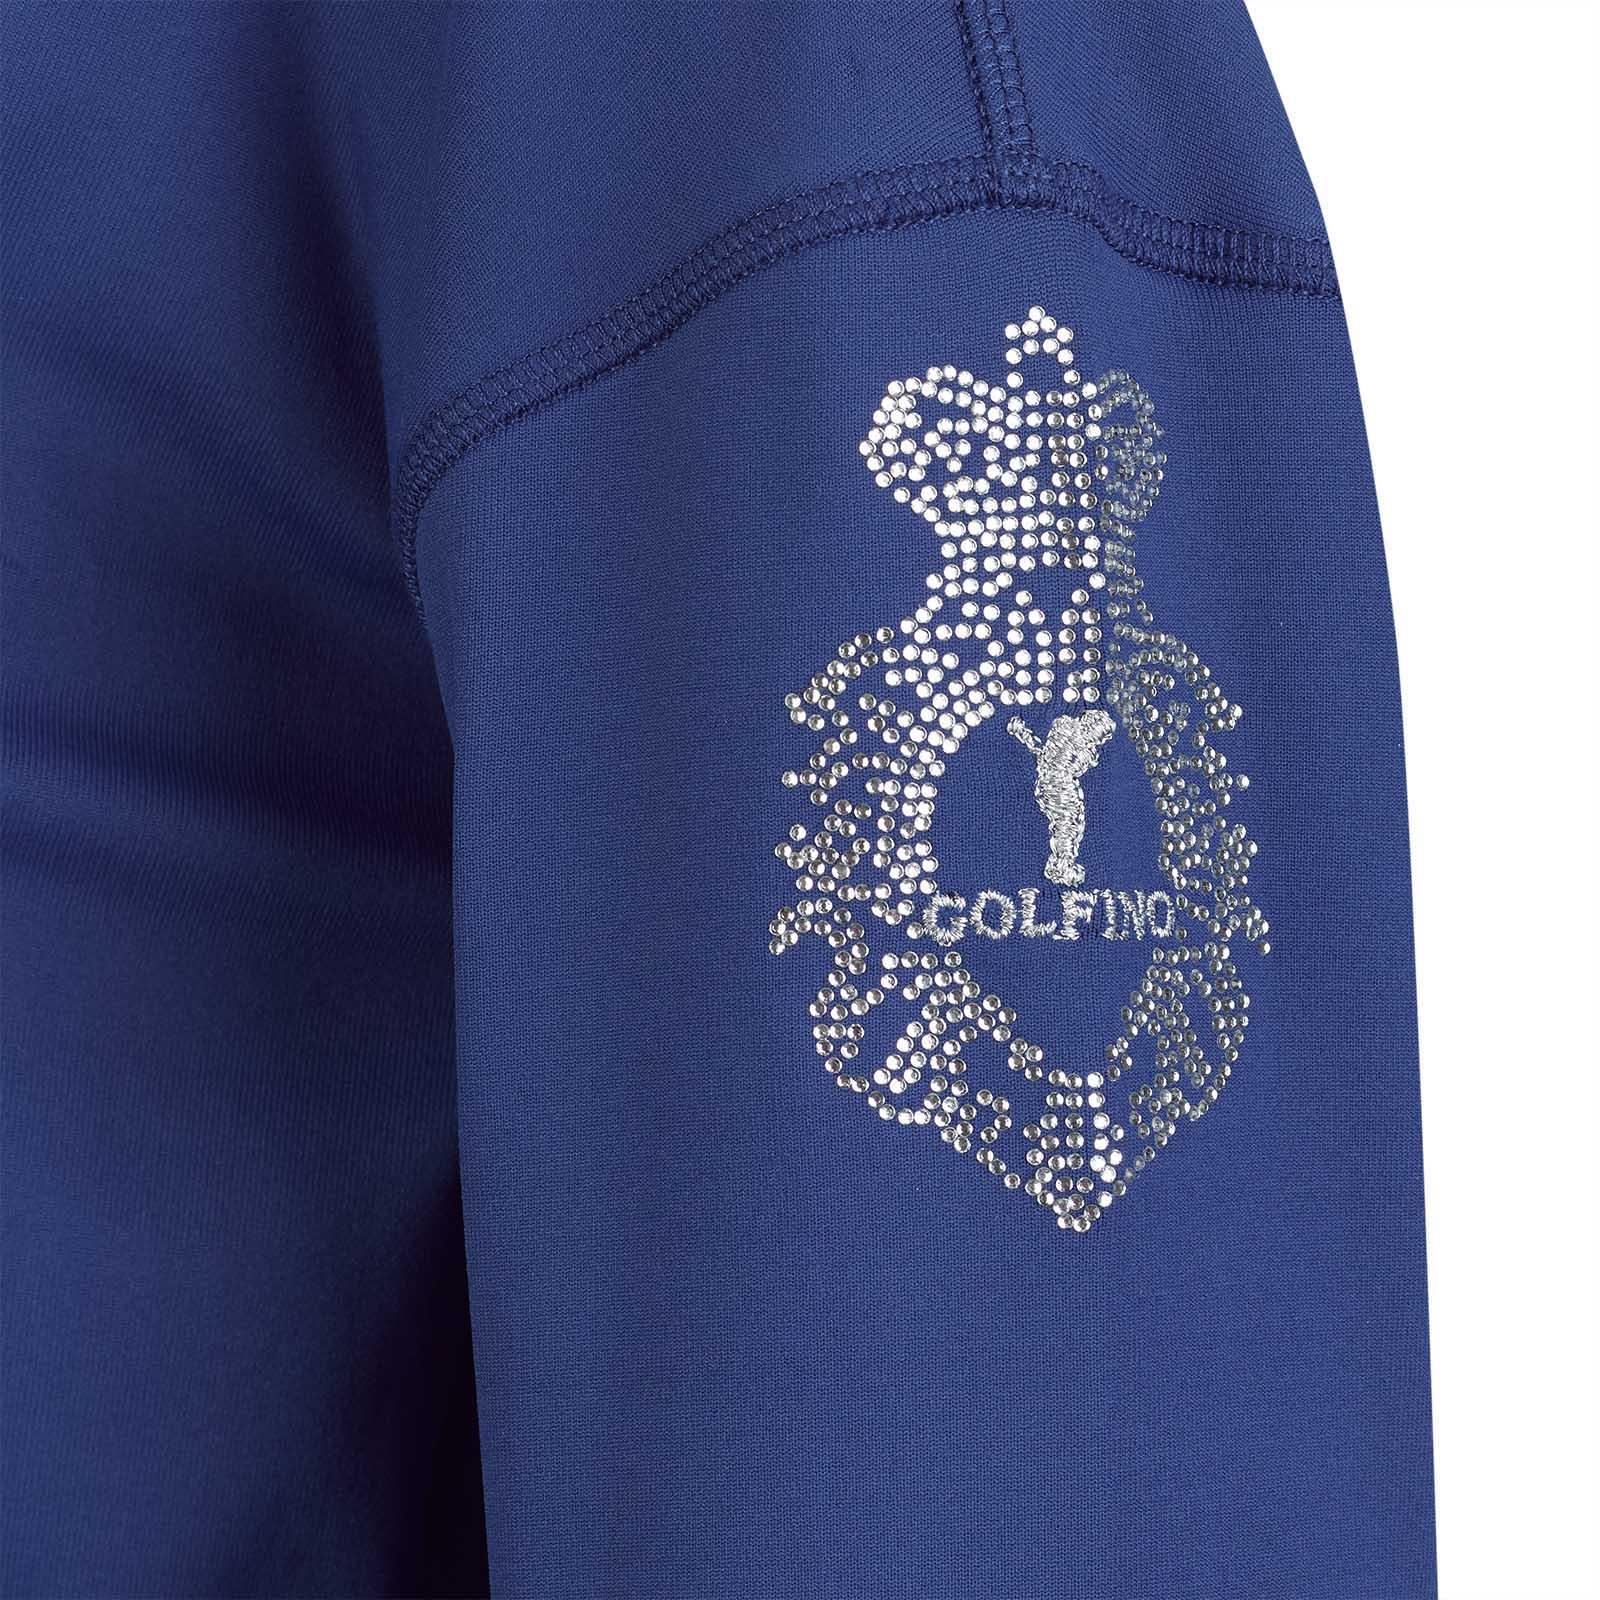 Langarm Damen Golfunterzieher mit Moisture Management und Stretchfunktion